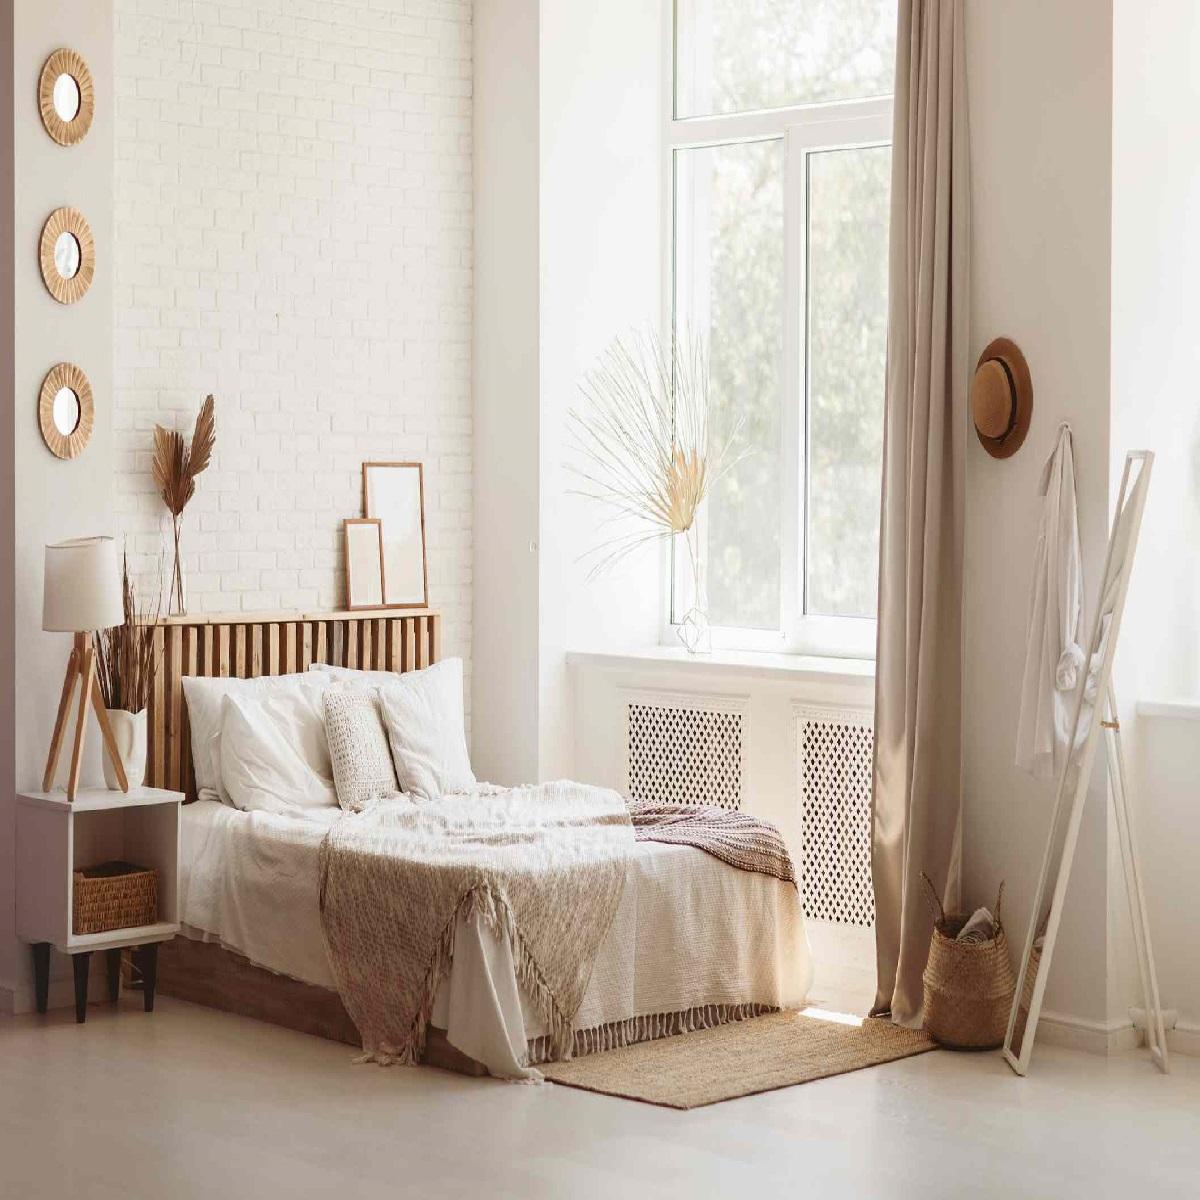 10 trucchi per rendere luminosa la camera da letto: idee e foto